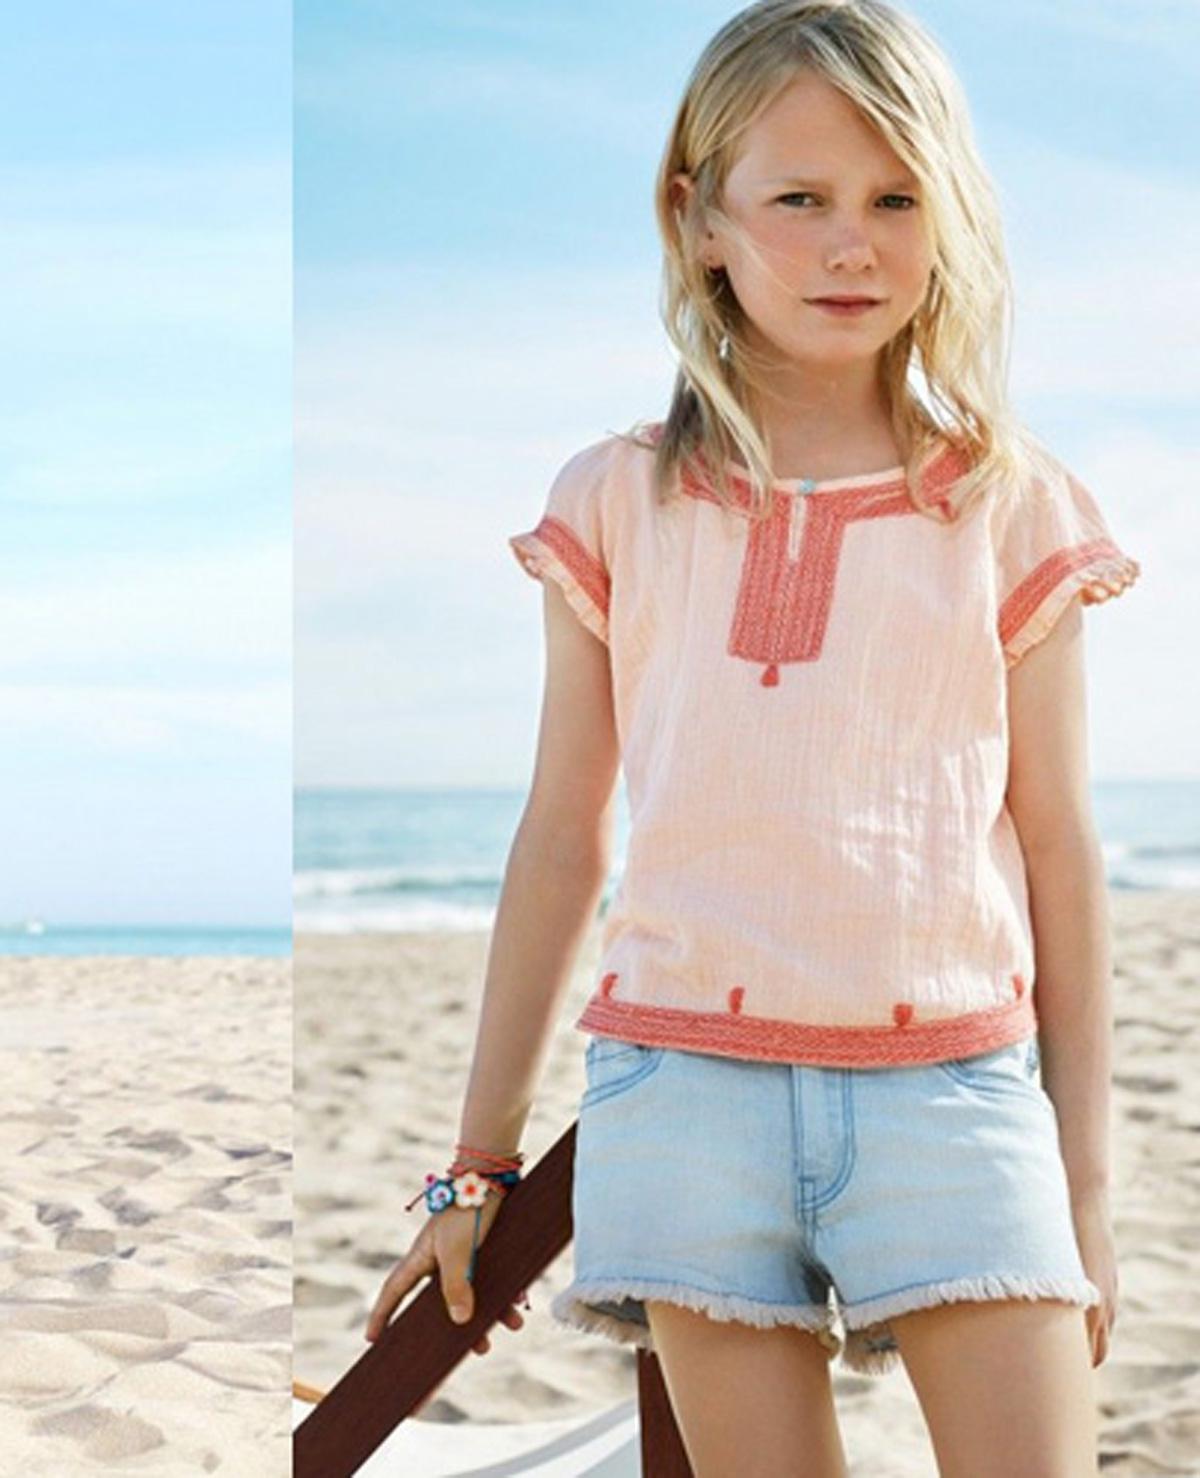 Kidstoday: Mini mode maand nieuws